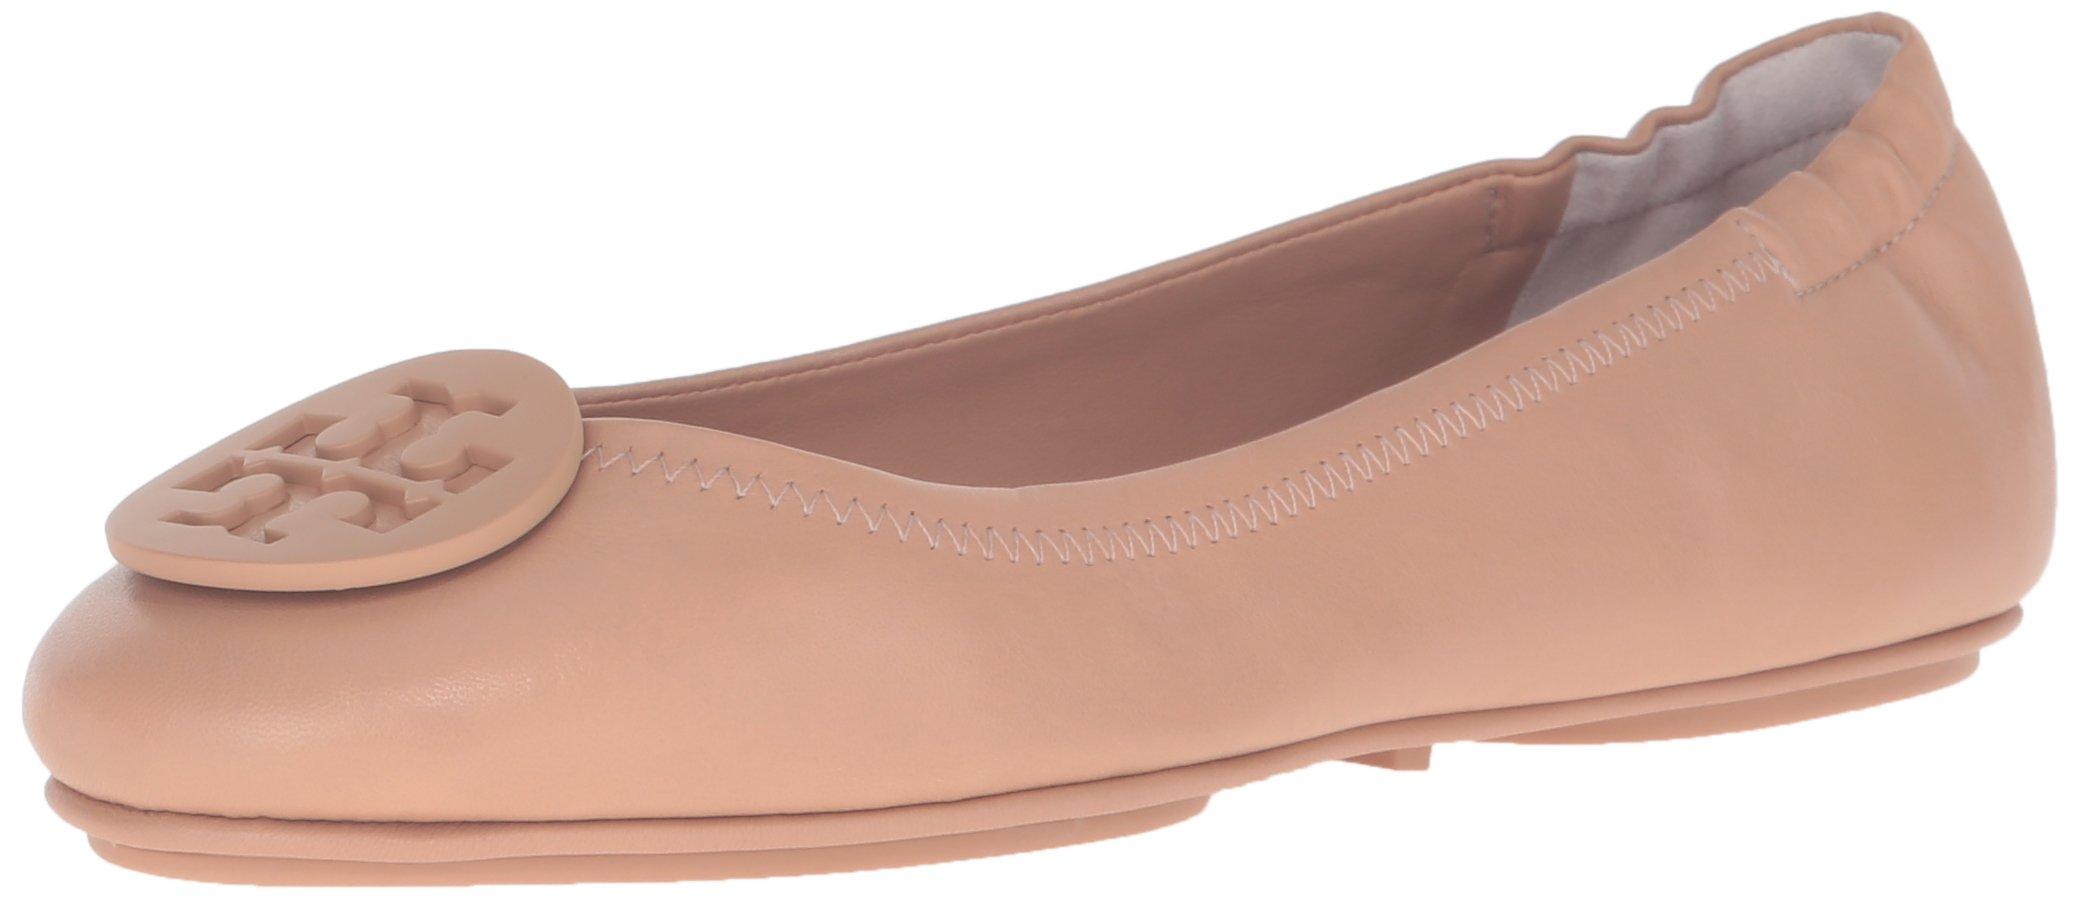 Tory Burch Minnie Travel Ballet Flat, Light Oak (9.5)